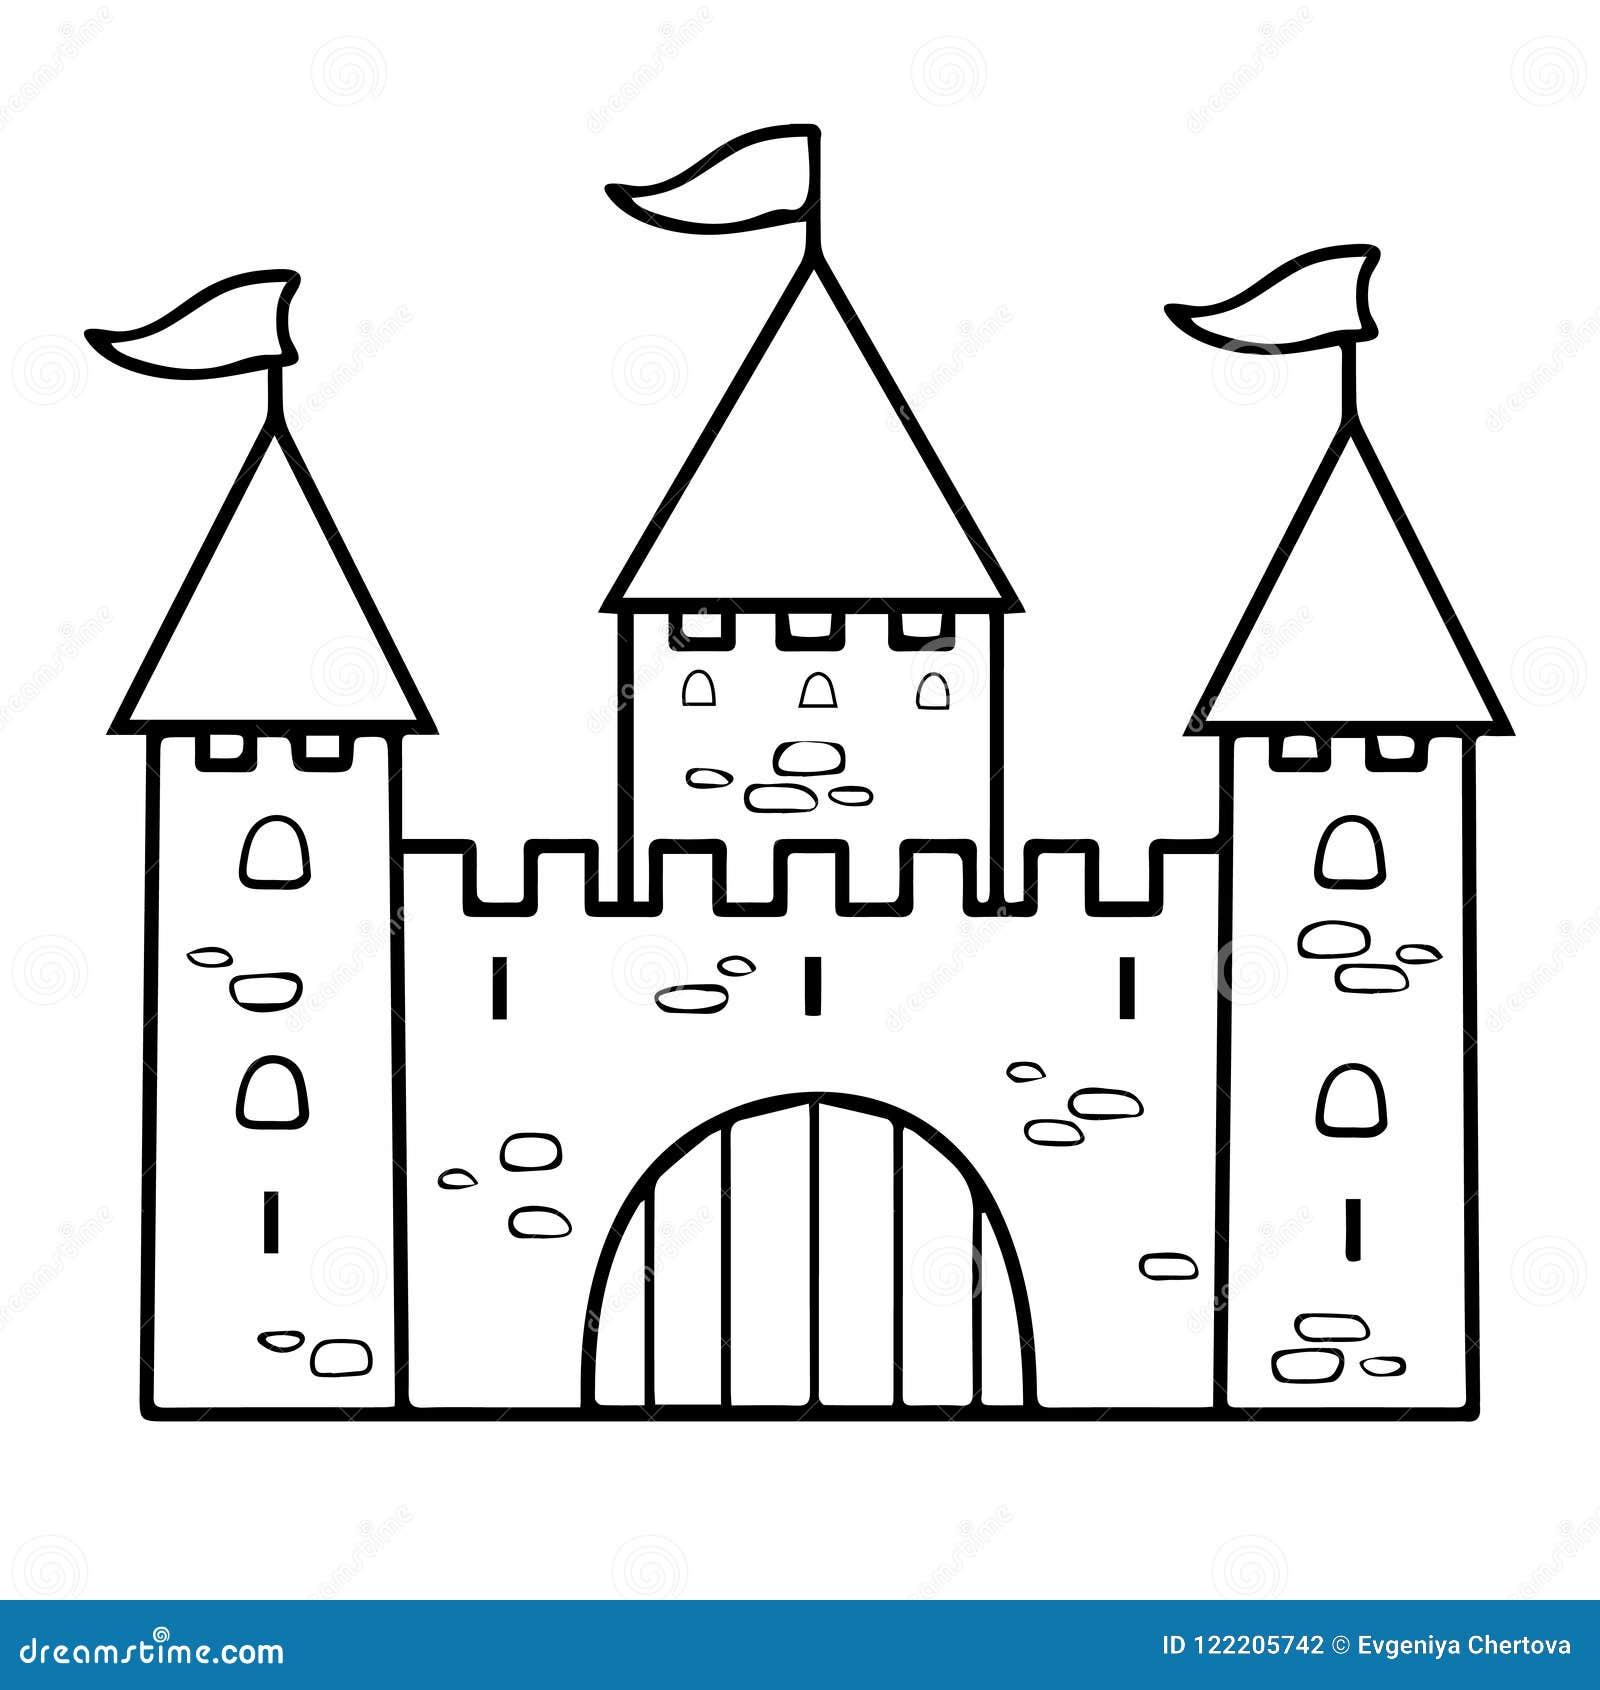 Palace Outline on magic kingdom outline, girl outline, village outline, people outline, hospital outline, aqueduct outline, church outline, shop outline, stone outline, zoo outline, apartment outline, coliseum outline, forbidden city outline, bridge outline, beach outline, art outline, pagoda outline, history outline, car outline, temple outline,